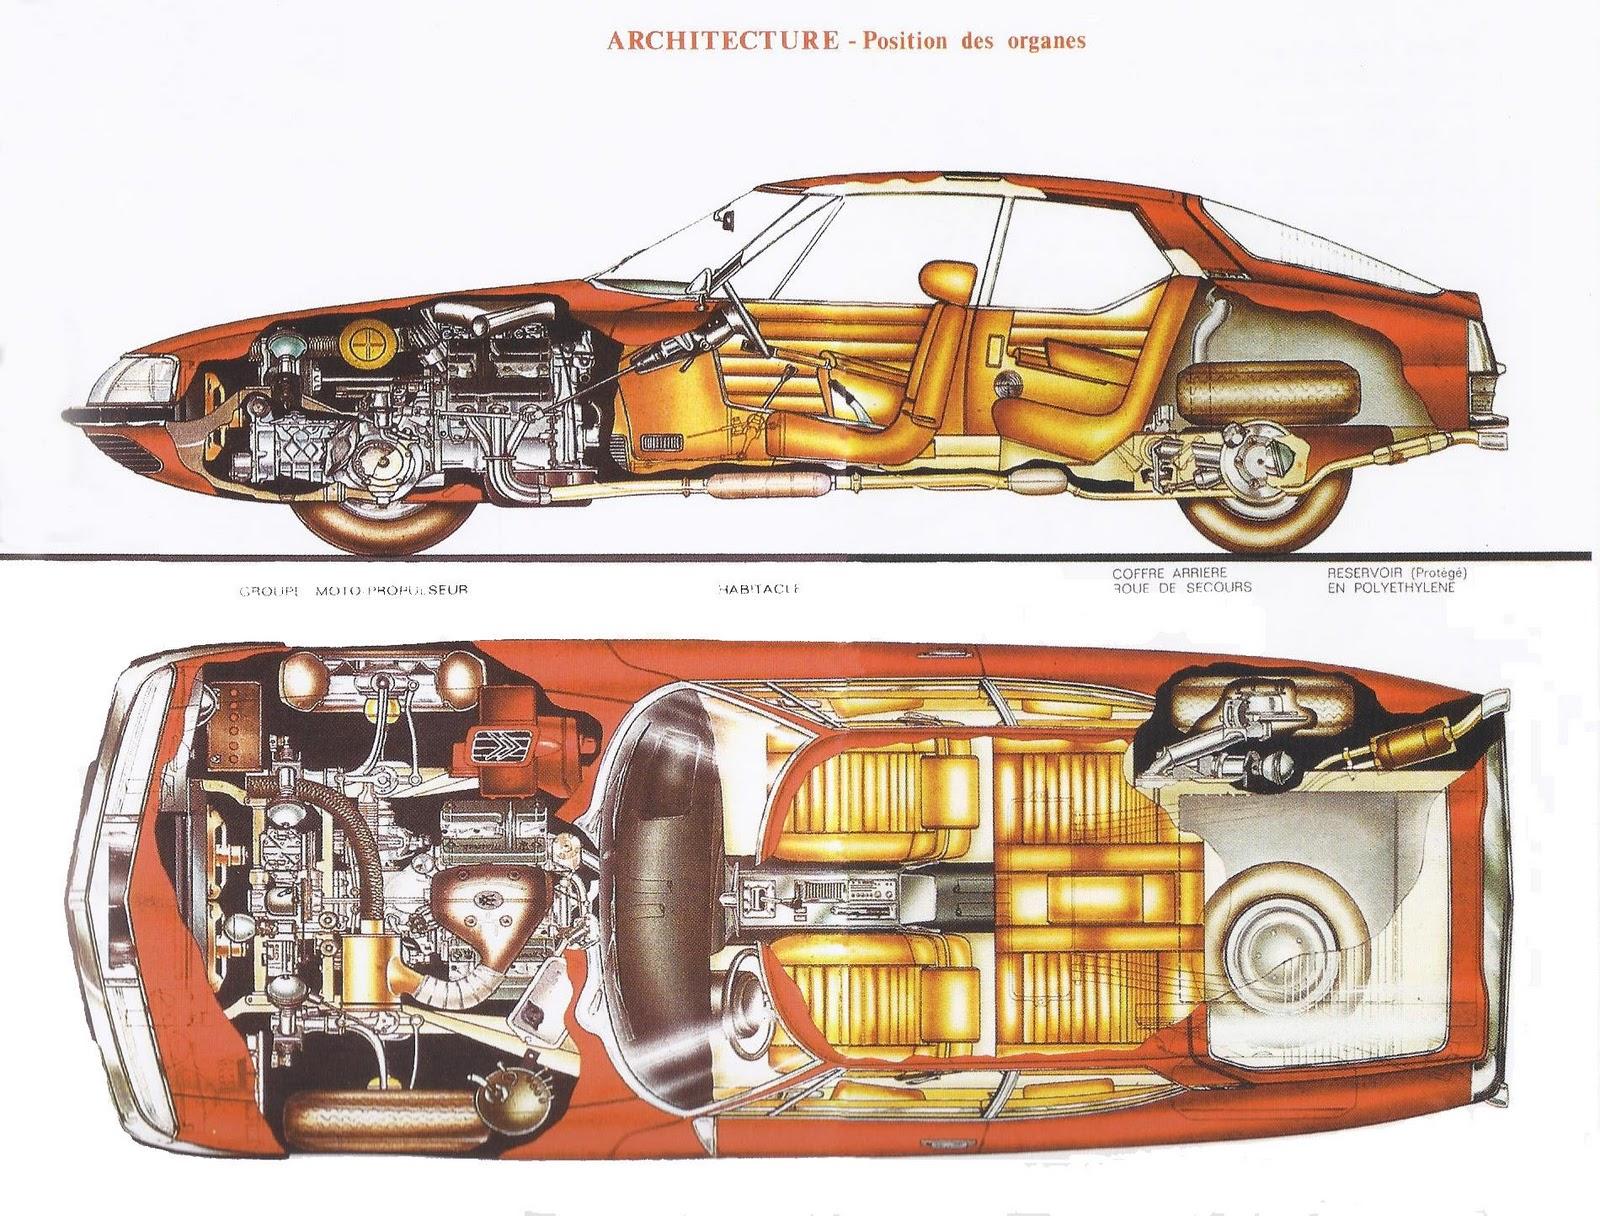 mid engine fwd cars. Black Bedroom Furniture Sets. Home Design Ideas